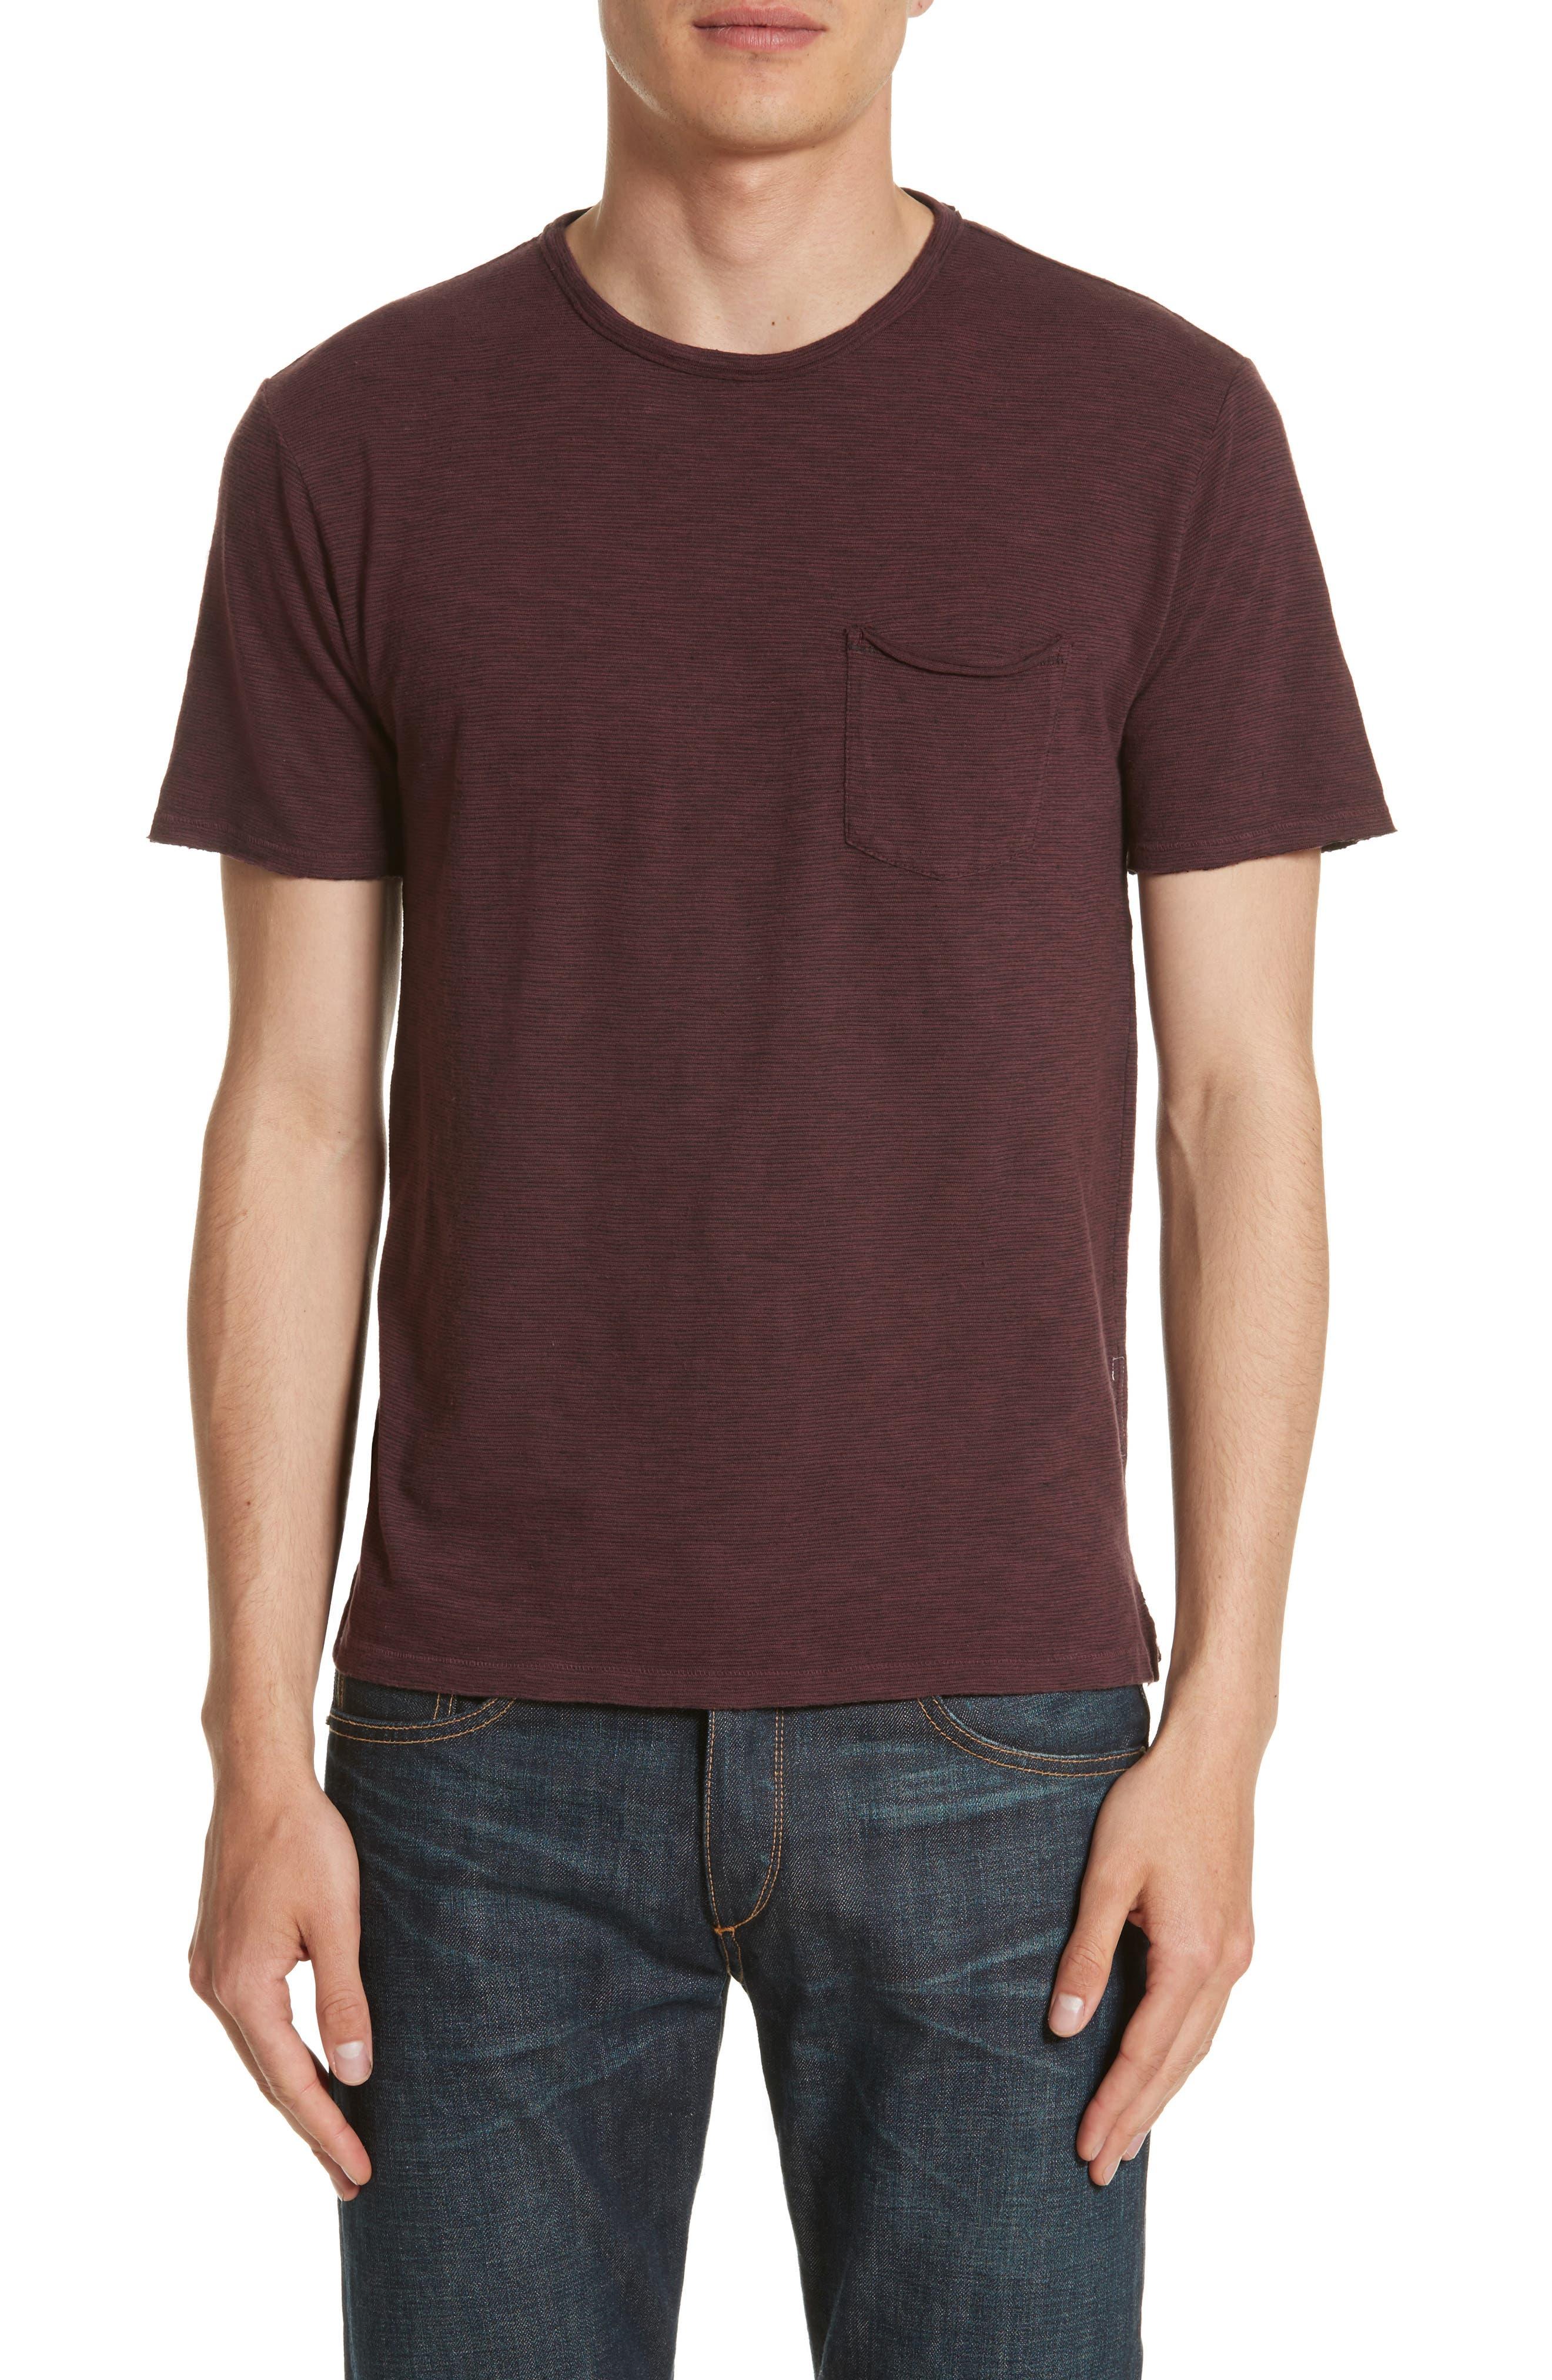 Main Image - rag & bone Owen Pocket T-Shirt